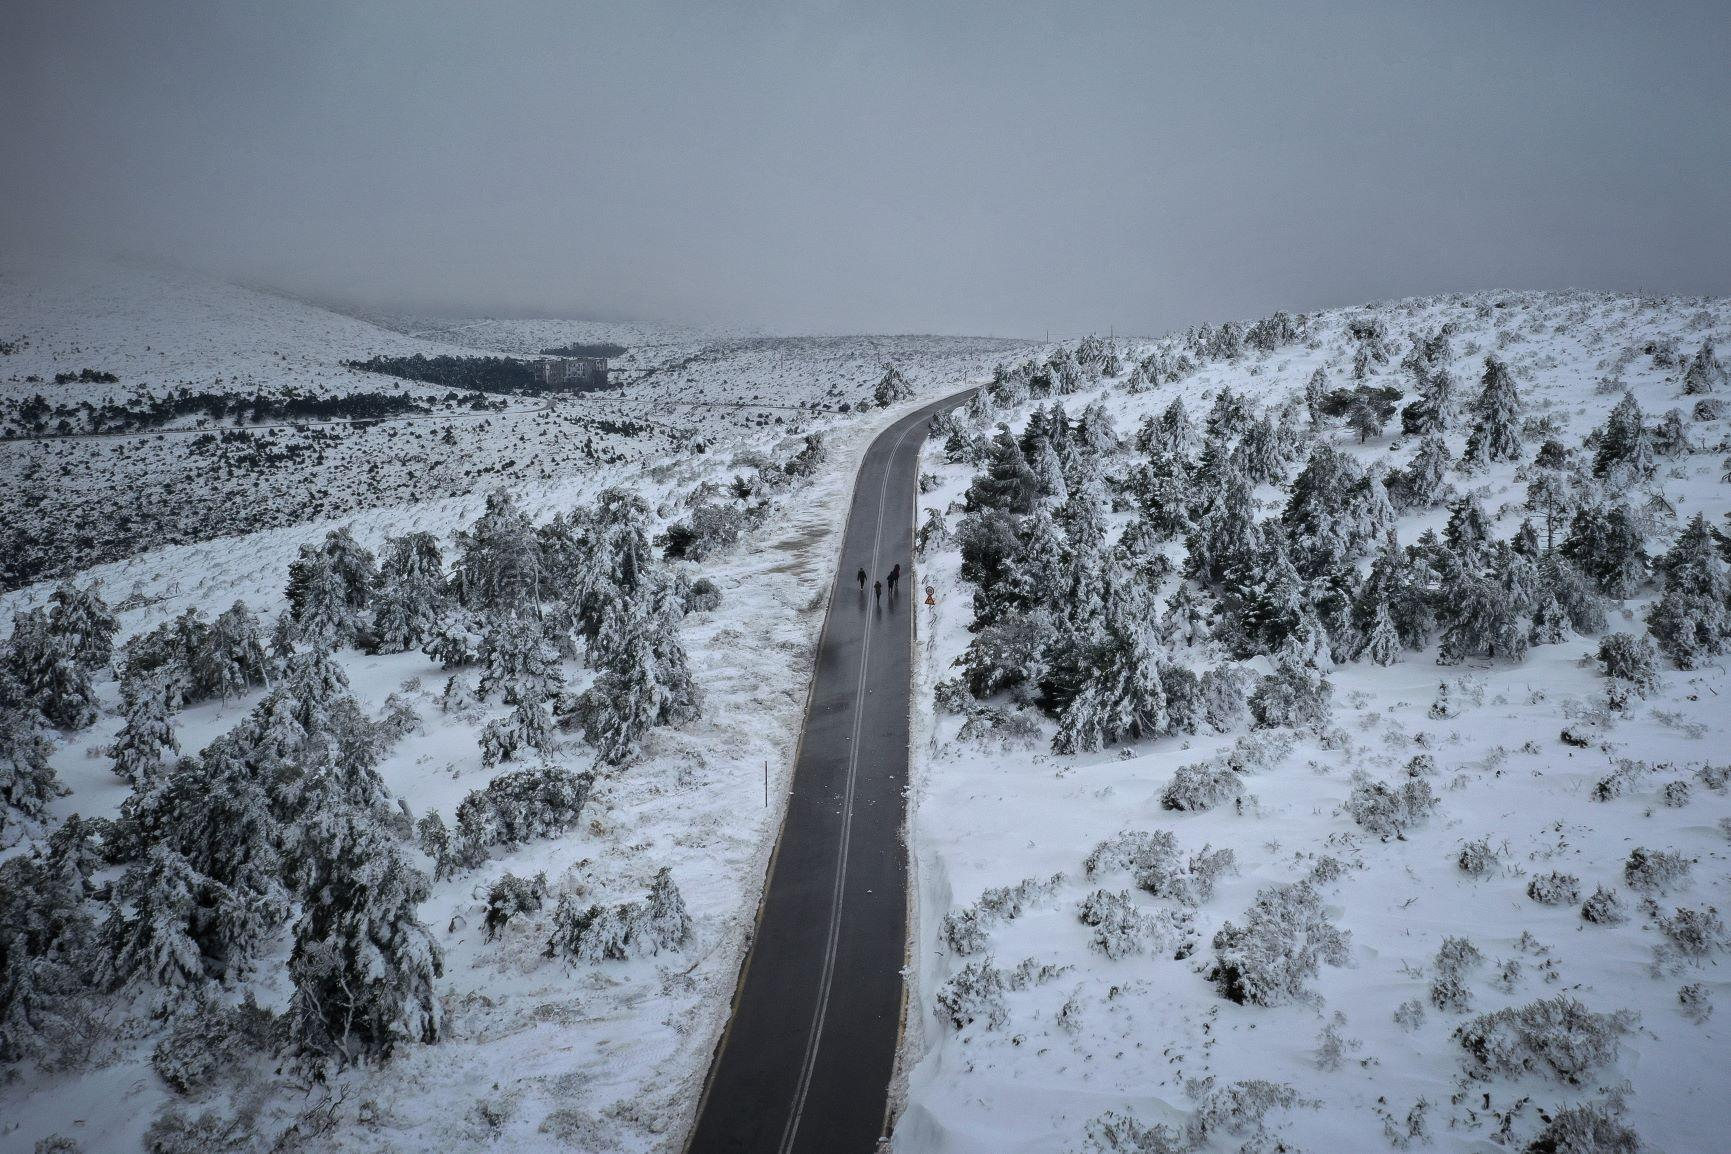 Πολιορκία χιονιού στην Αττική το προσεχές τριήμερο. Αναλυτική πρόγνωση Σαββατοκύριακου 28& 29/12.